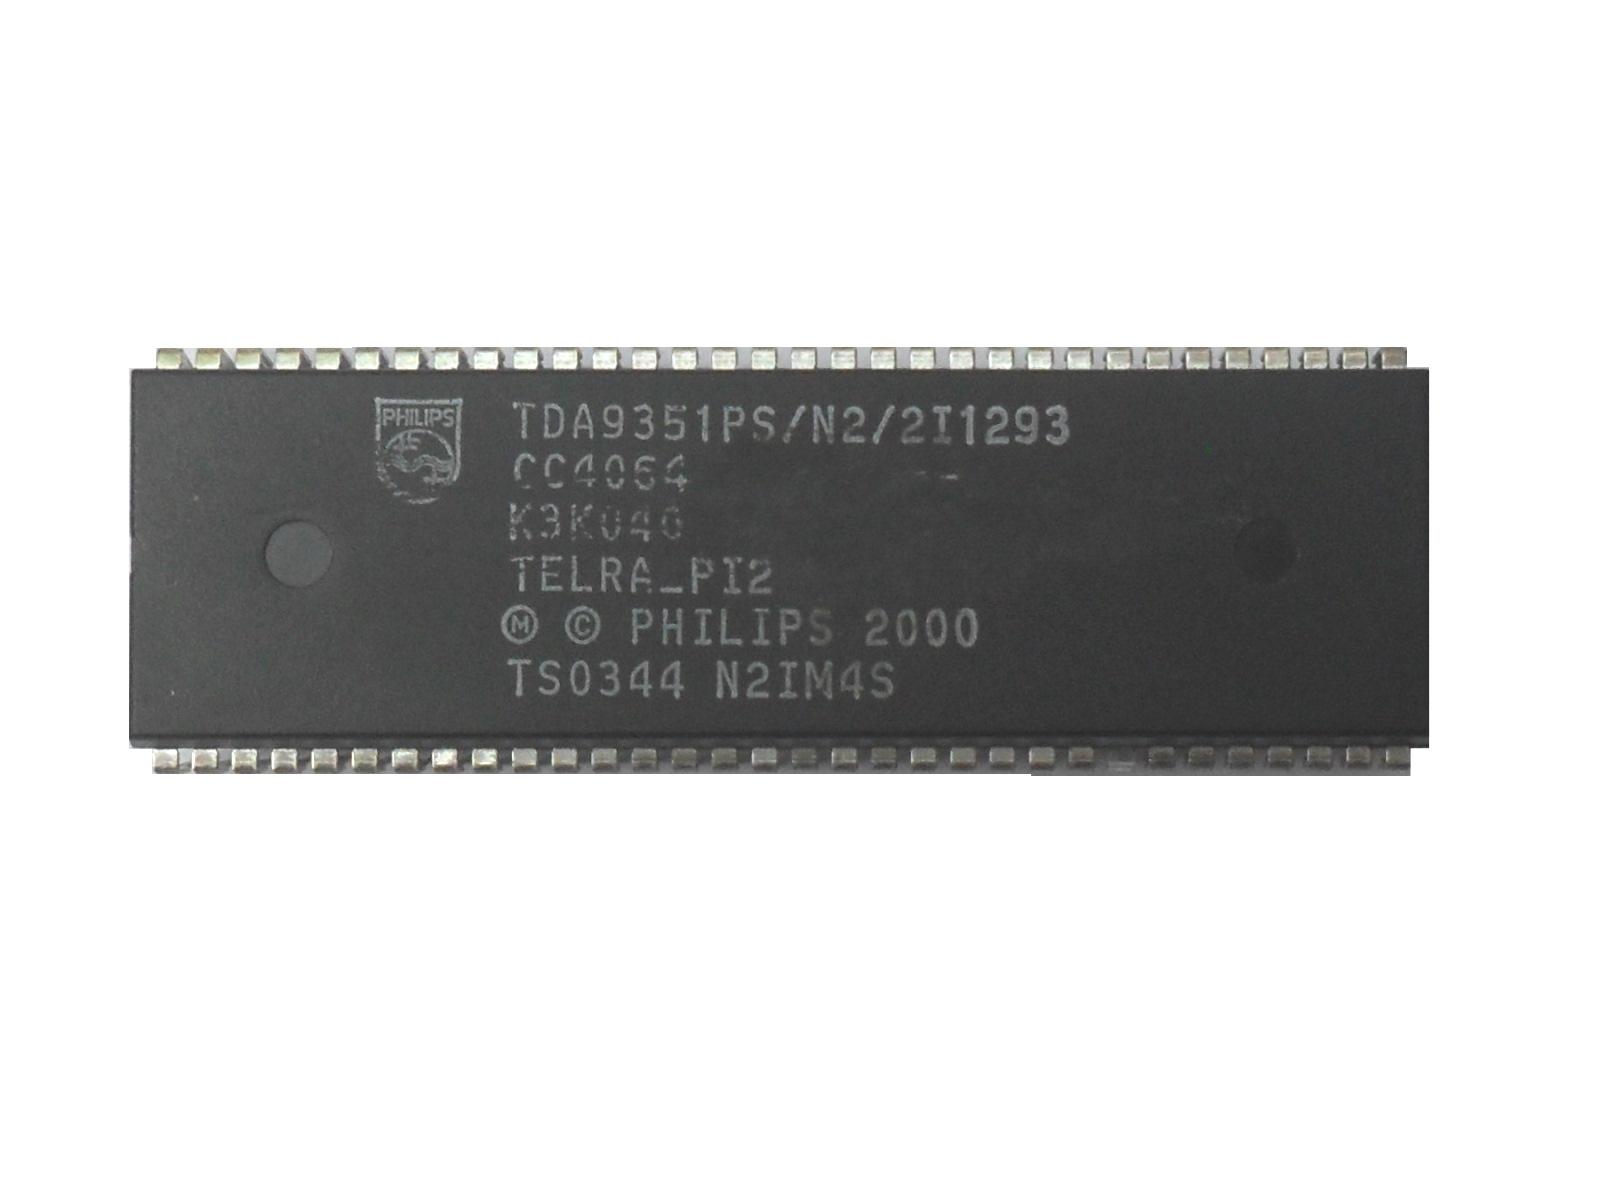 TDA9351PS